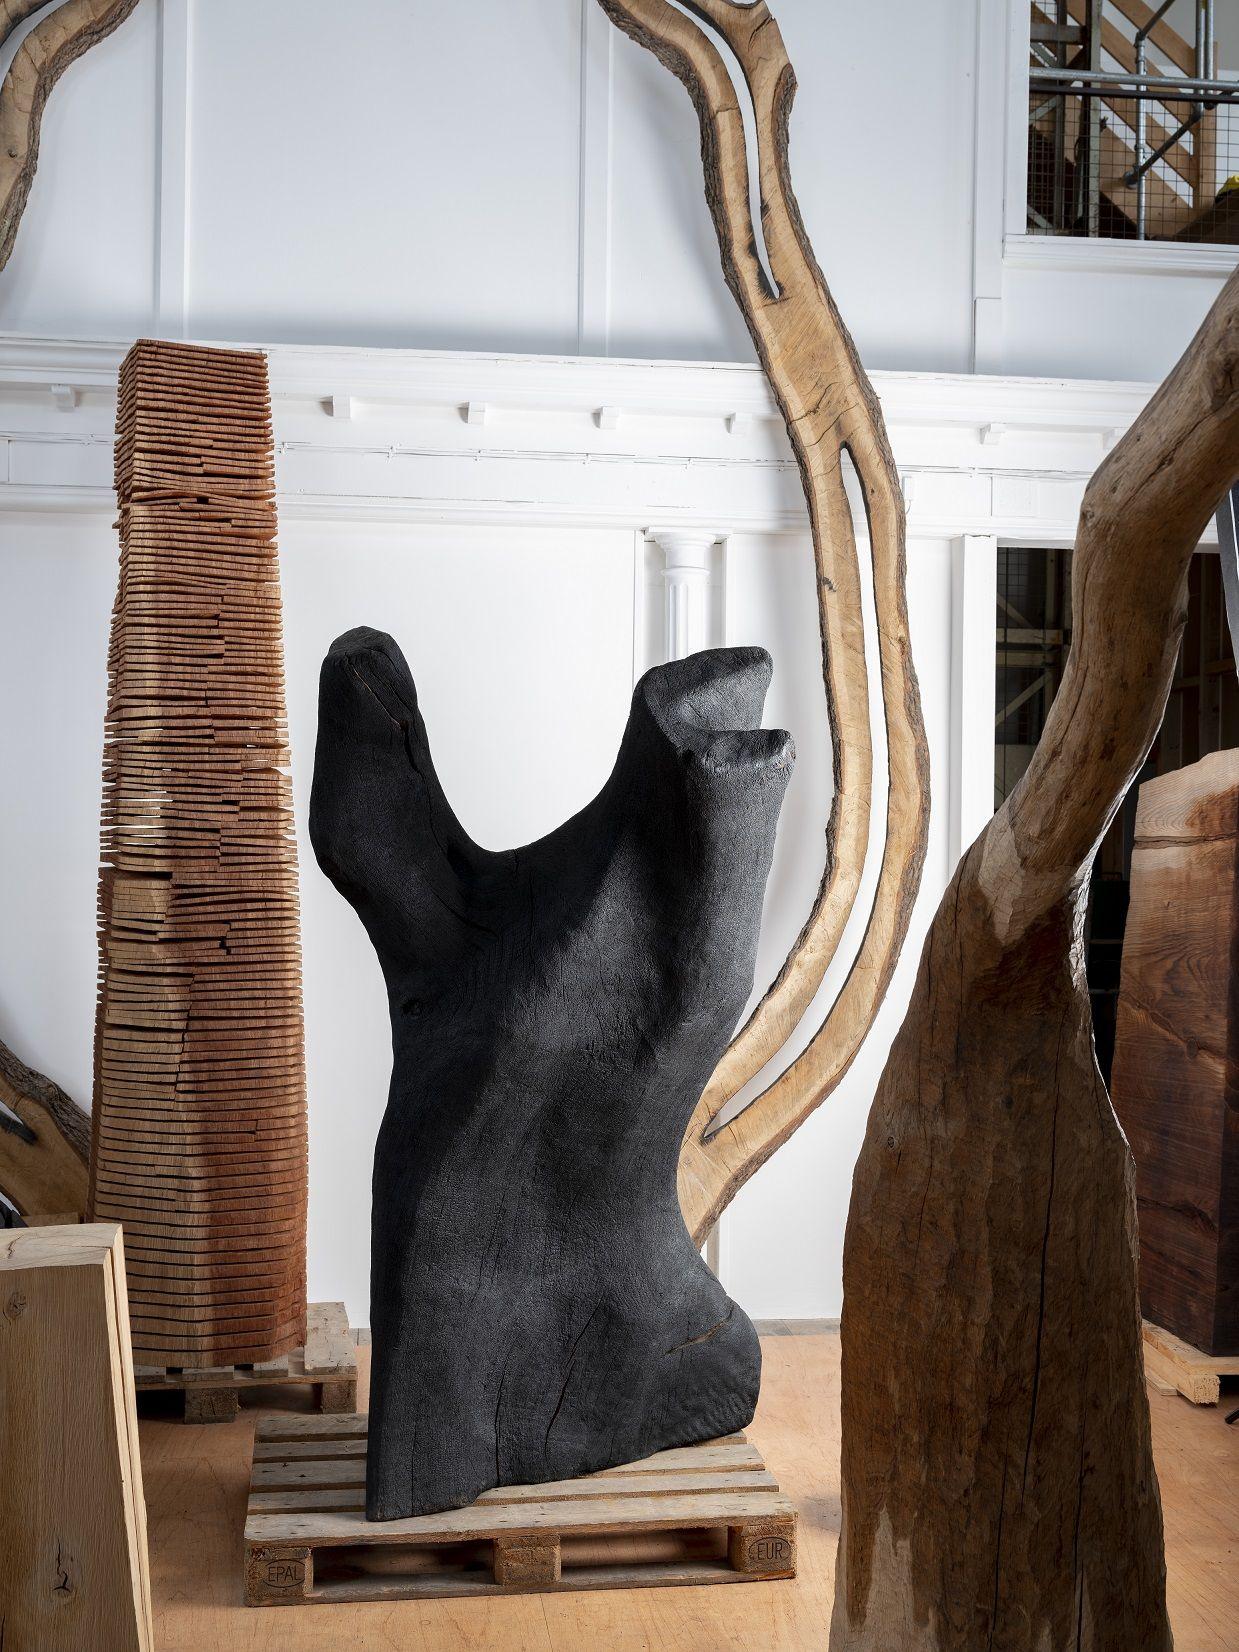 A Rotating 42-Layer Sculpture of Franz Kafkas Head by